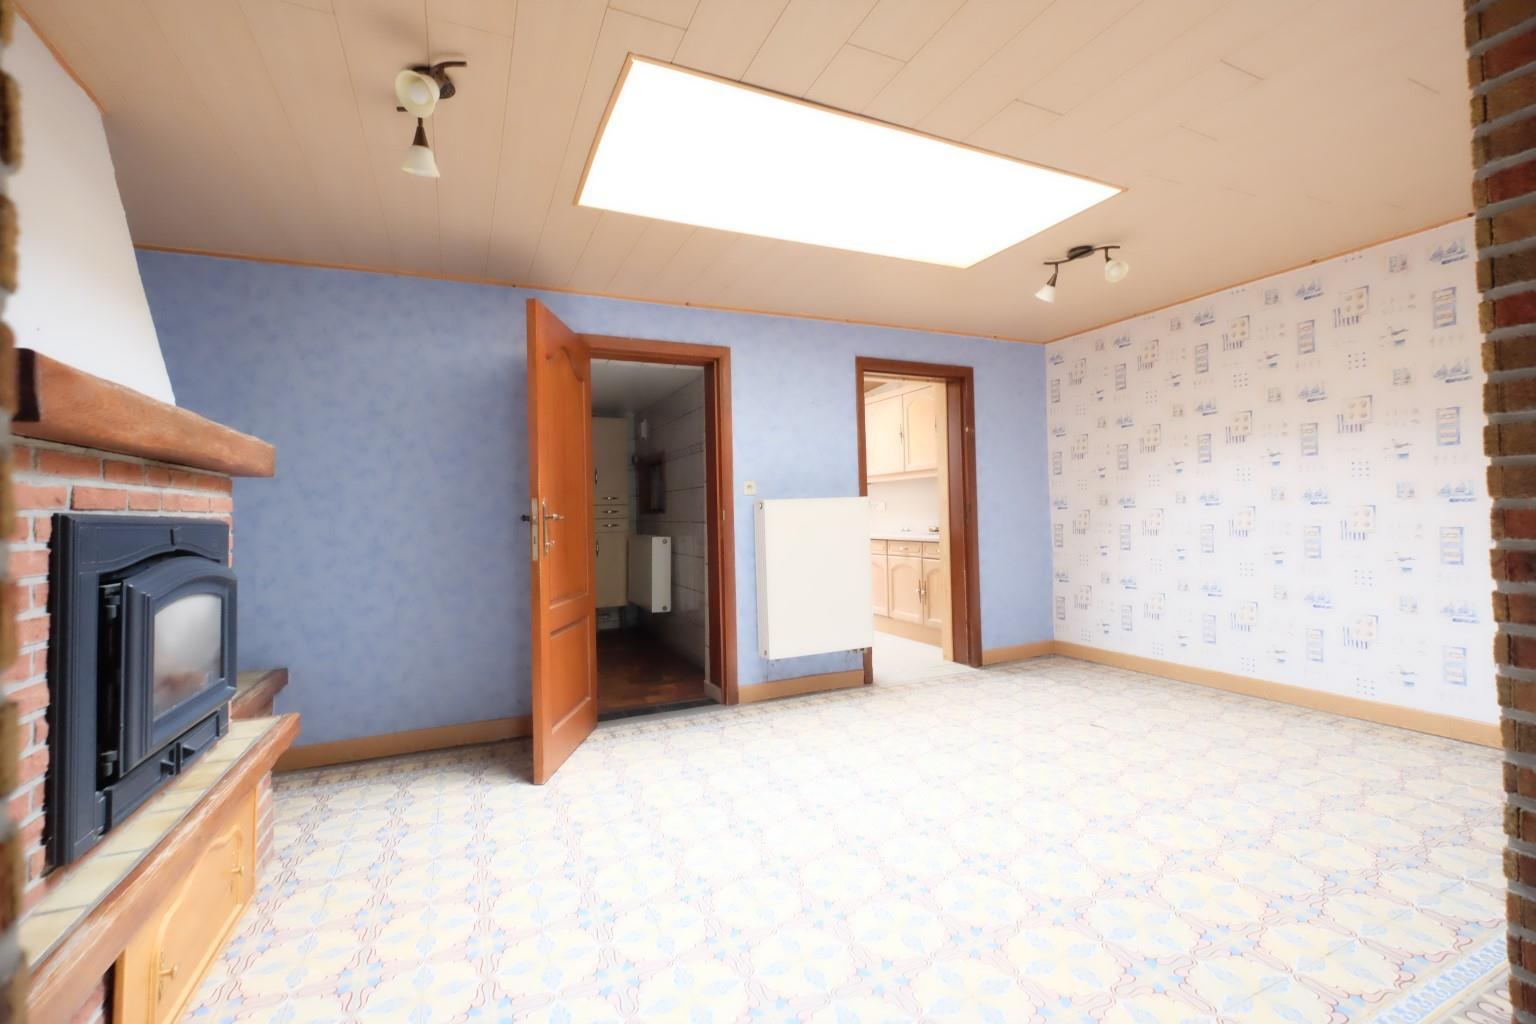 Maison - Braine-le-Comte - #3958071-2